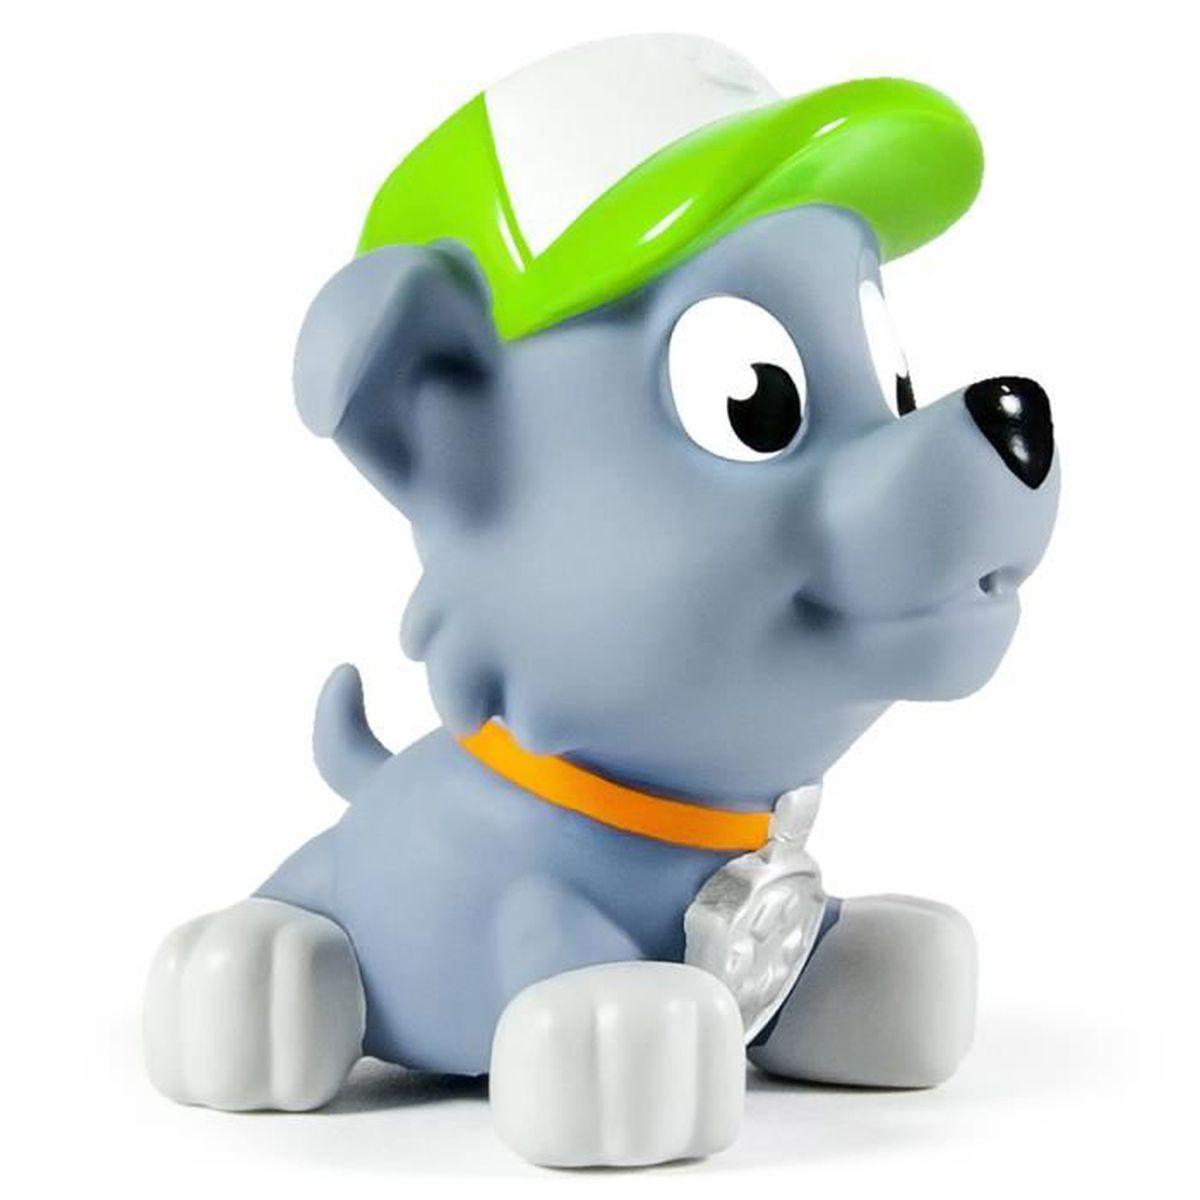 jouetsdebain  Aspergeur de bain Paw Patrol (assort) jouets de bain